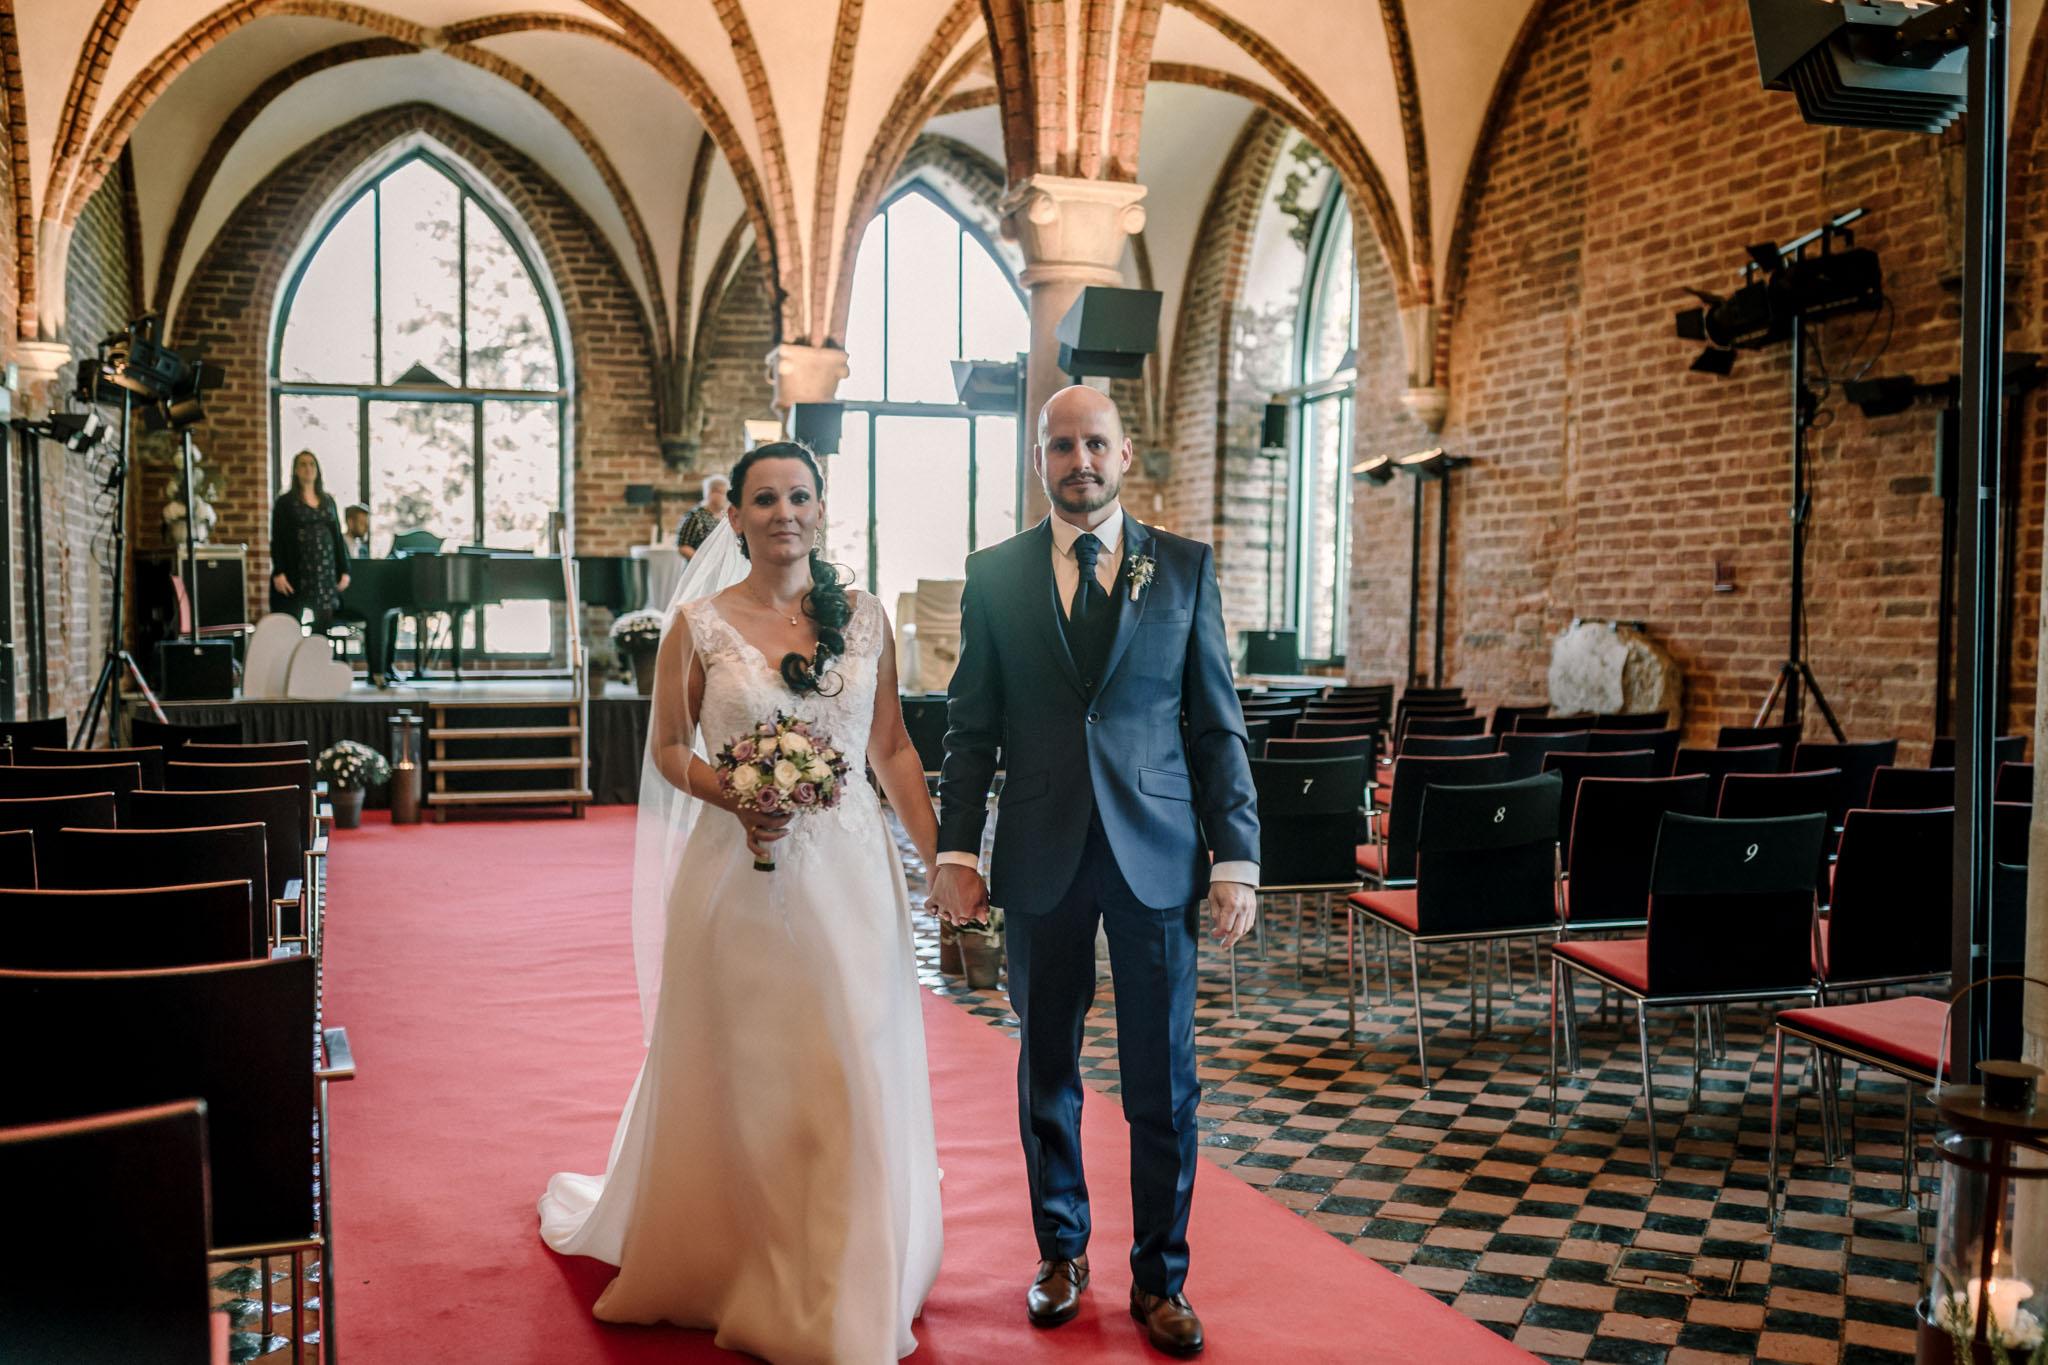 Hochzeitsfieber by Photo-Schomburg, Hochzeitsfotograf, Hamburg,Hochzeitstag, Hochzeitspaar, Braut, Bräutigam, Literaturhauscafe Zarrentin-50